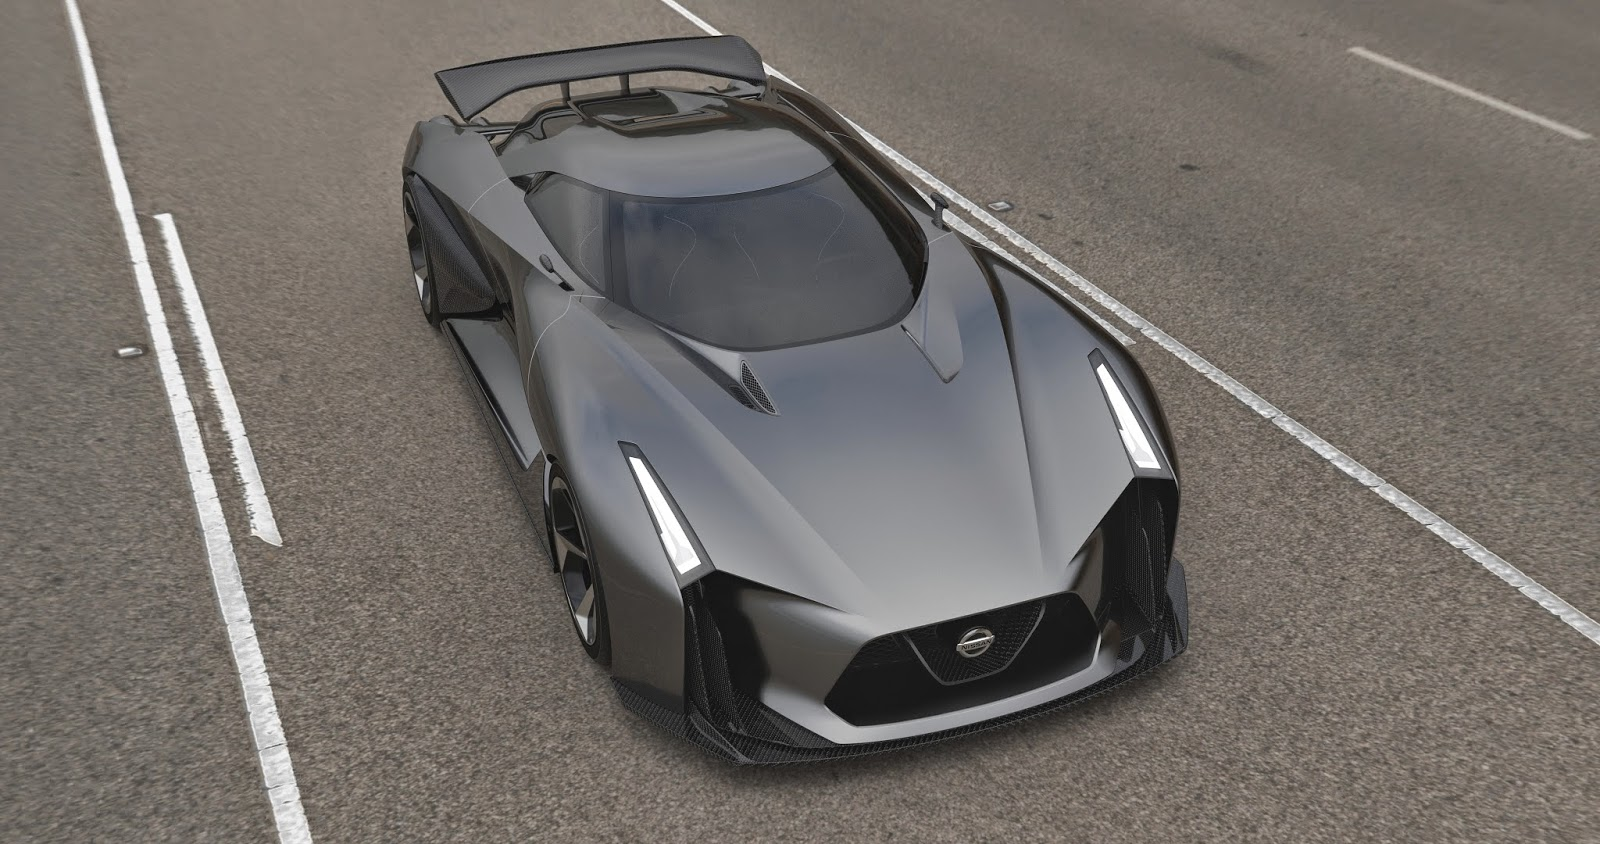 voiture du futur concept 2020 vision gran turismo la voiture de sport du futur par nissan. Black Bedroom Furniture Sets. Home Design Ideas